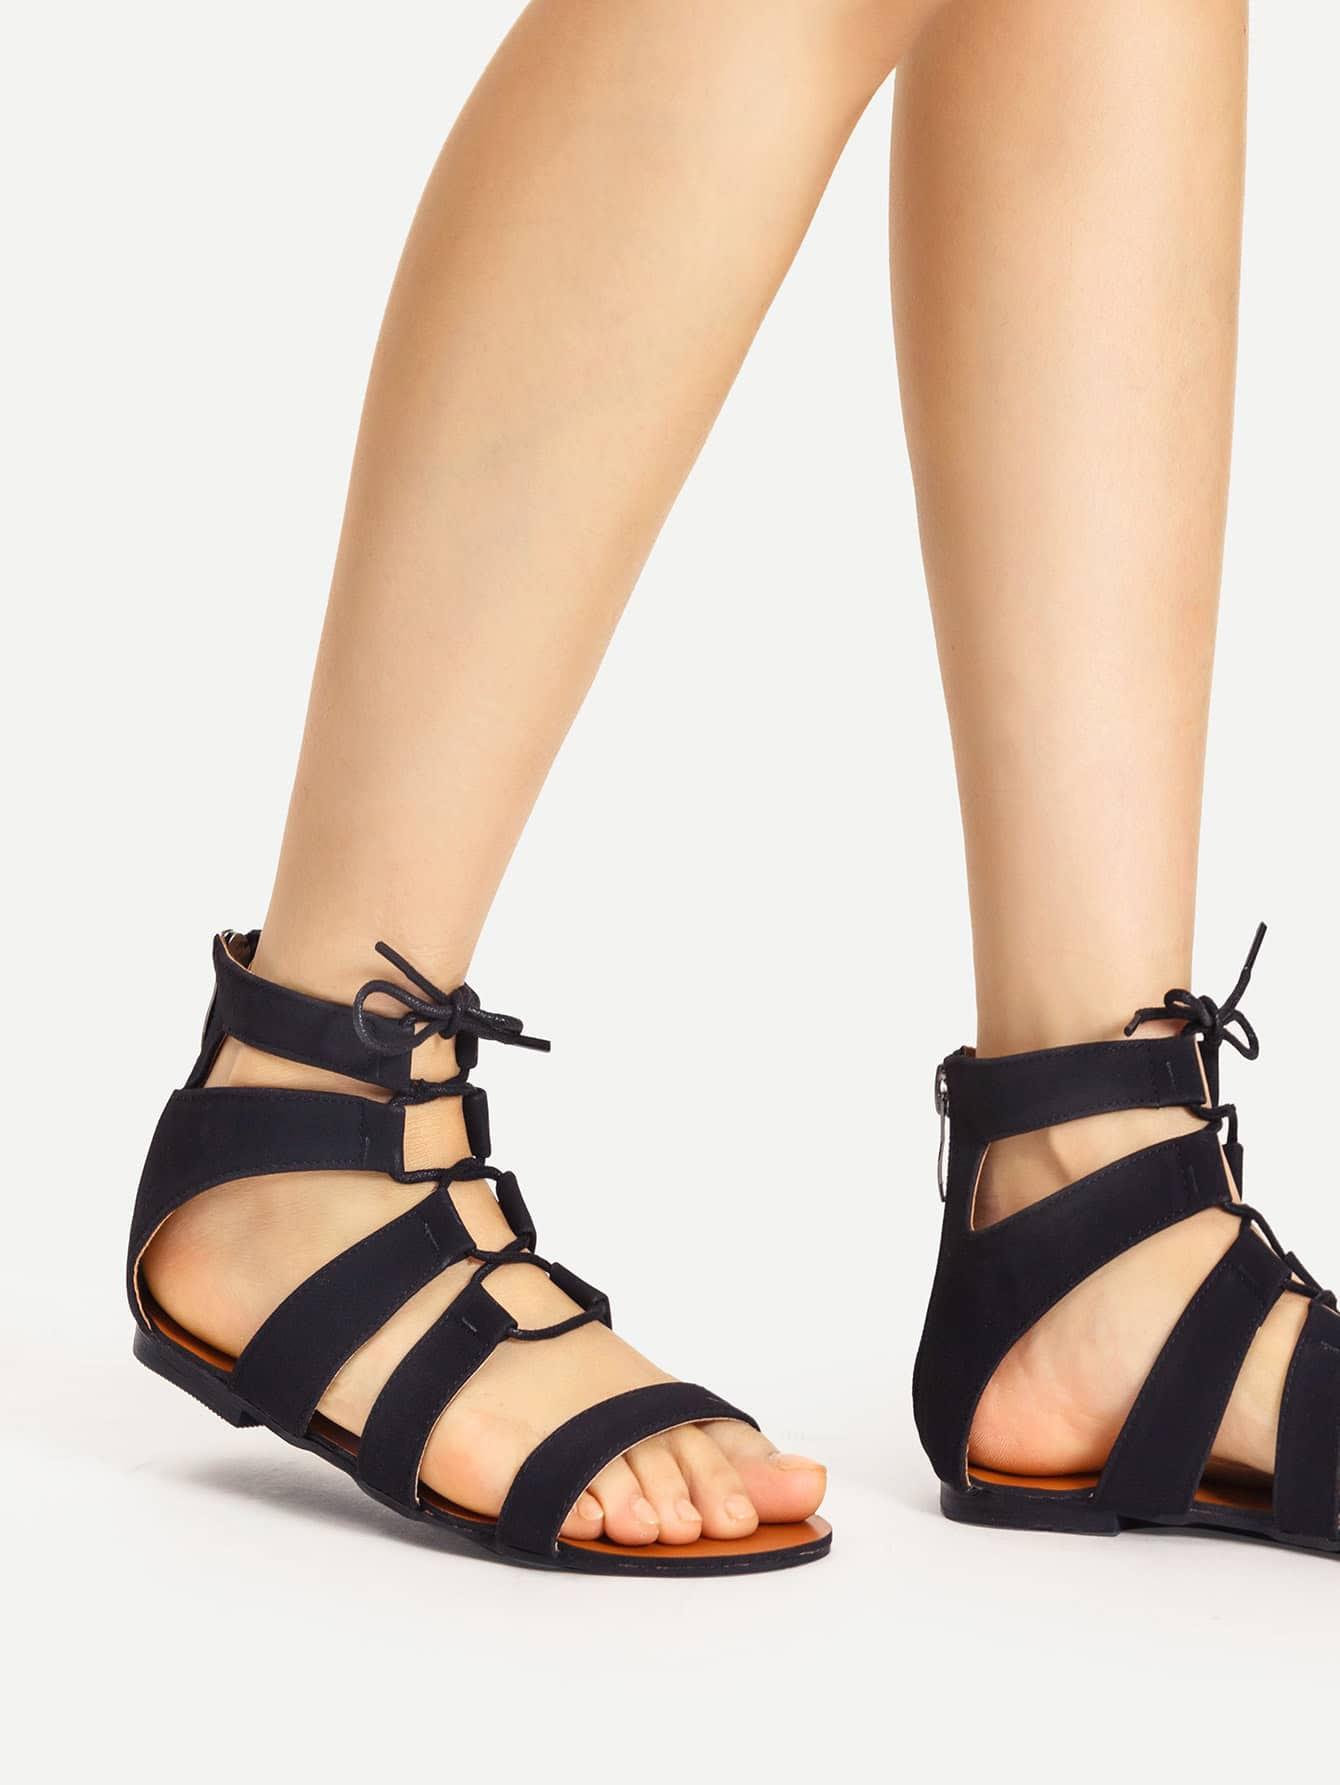 shoes170407814_2